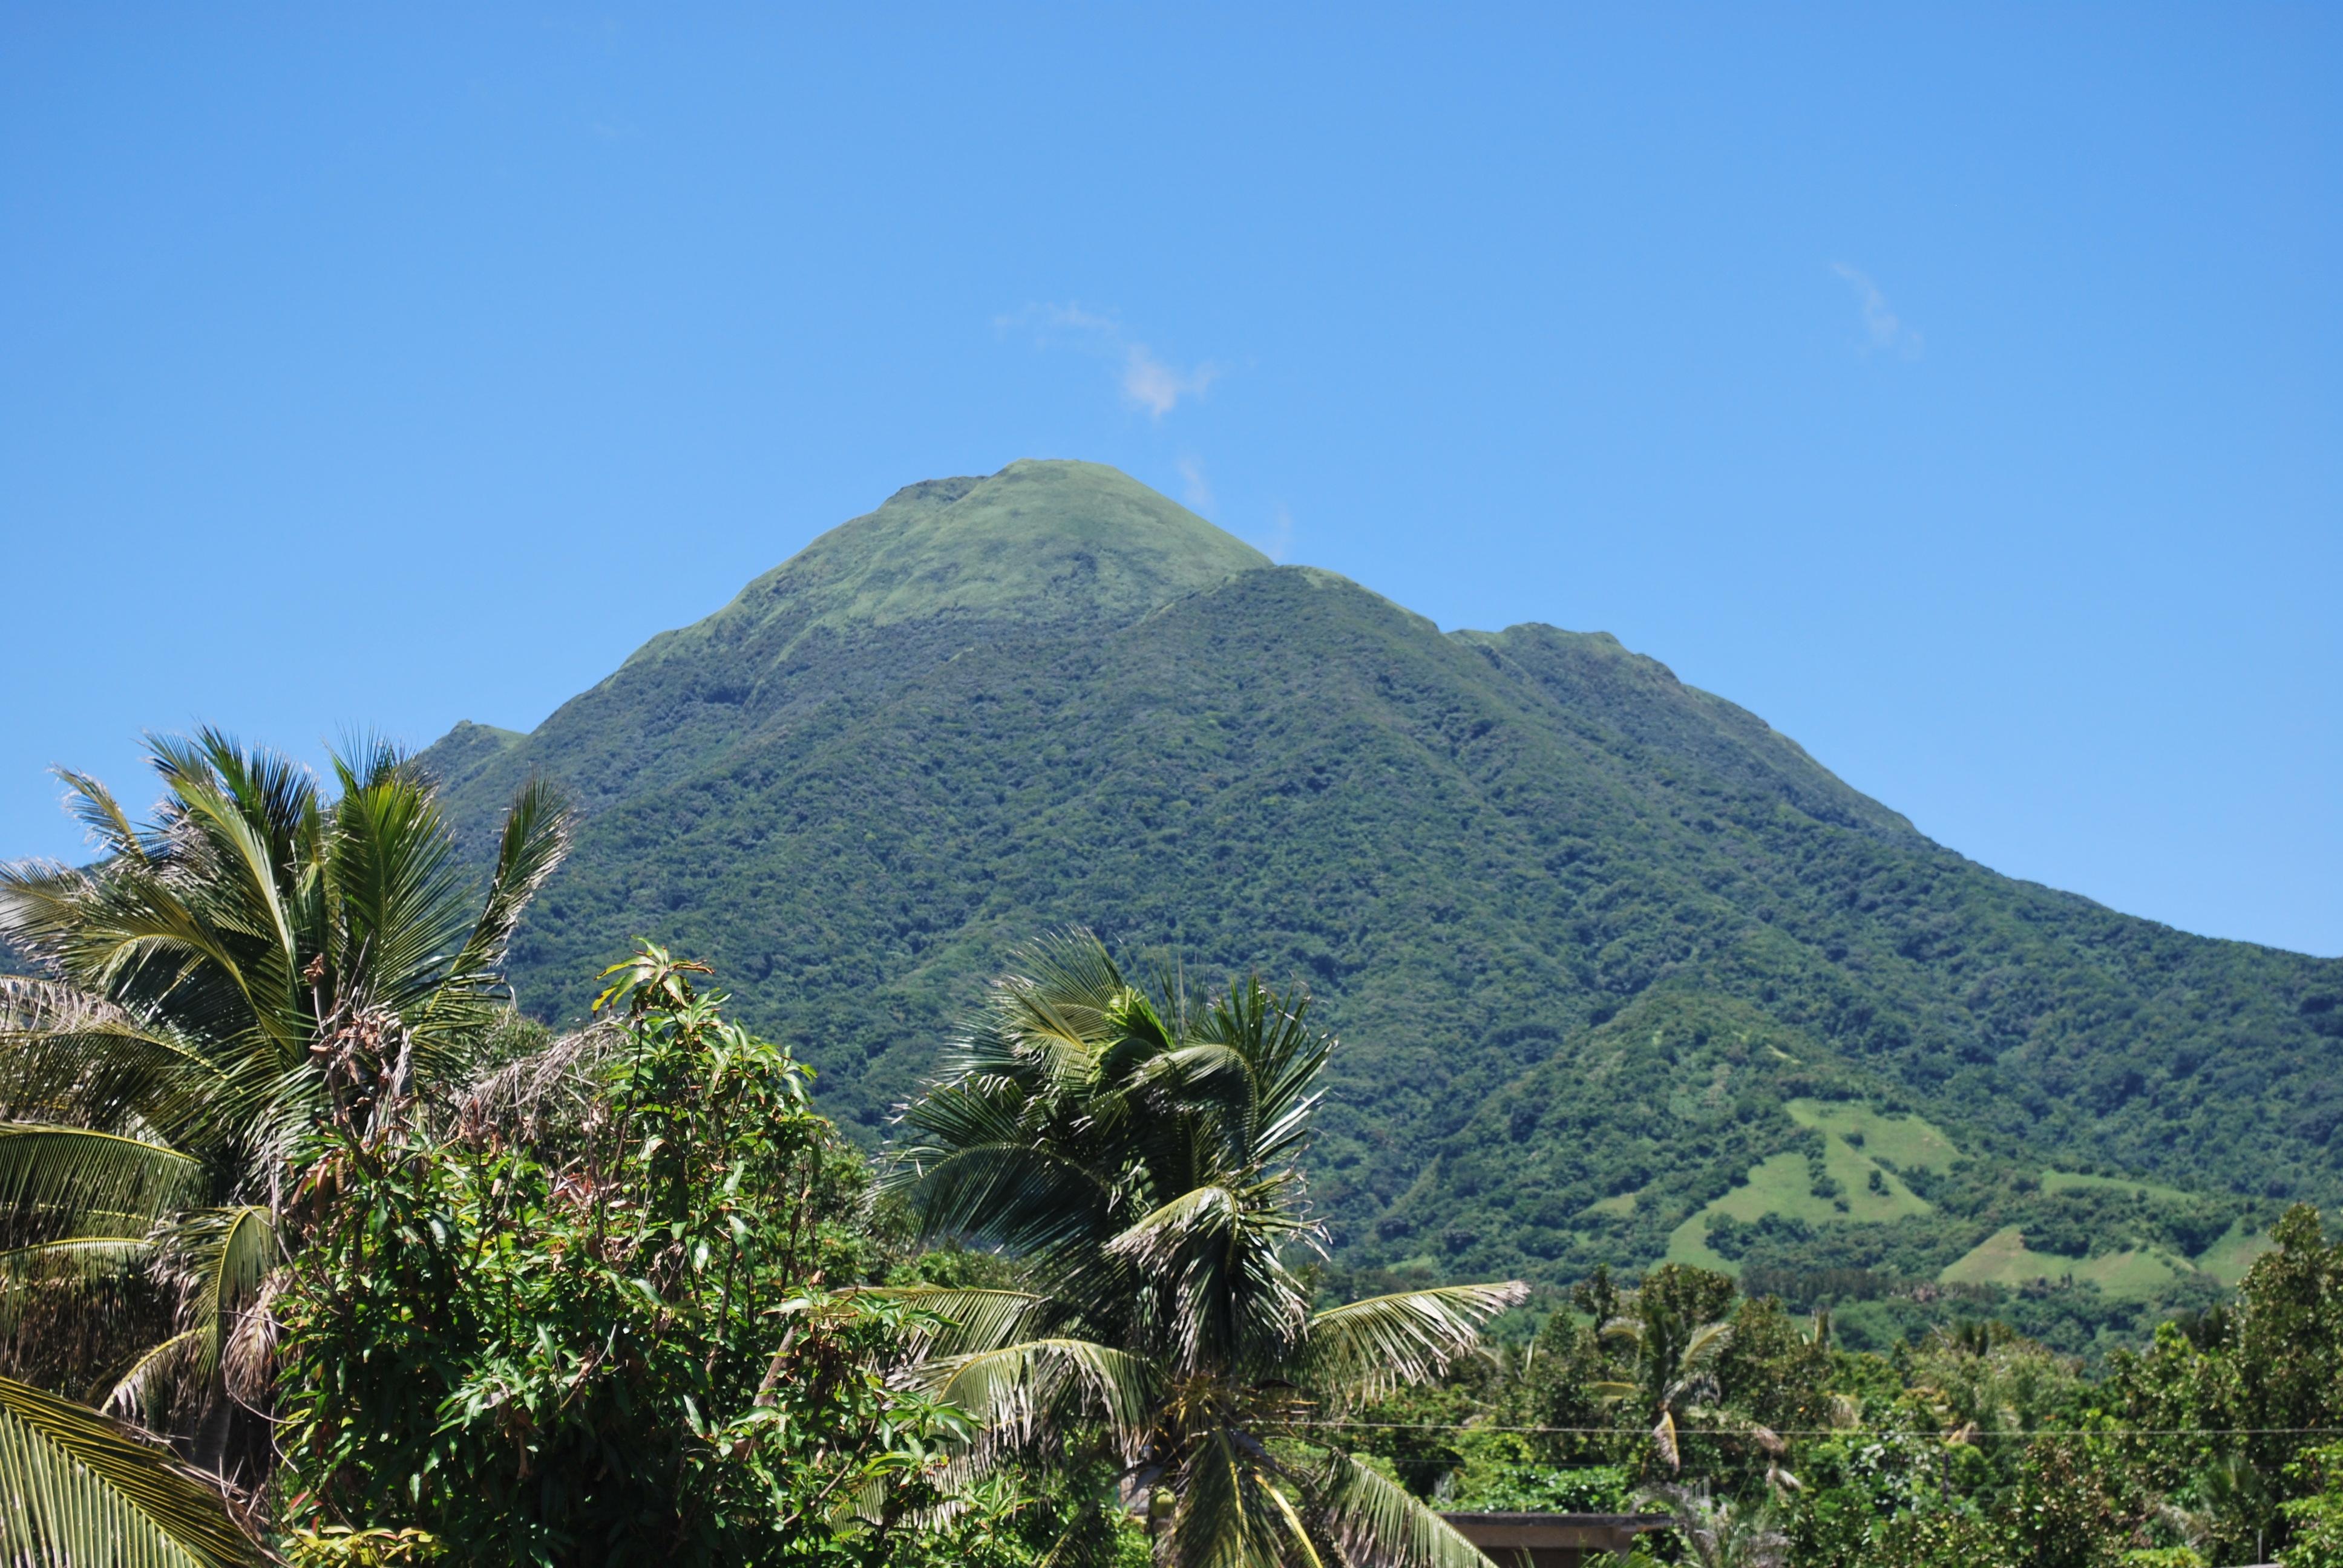 Mt. Iraya